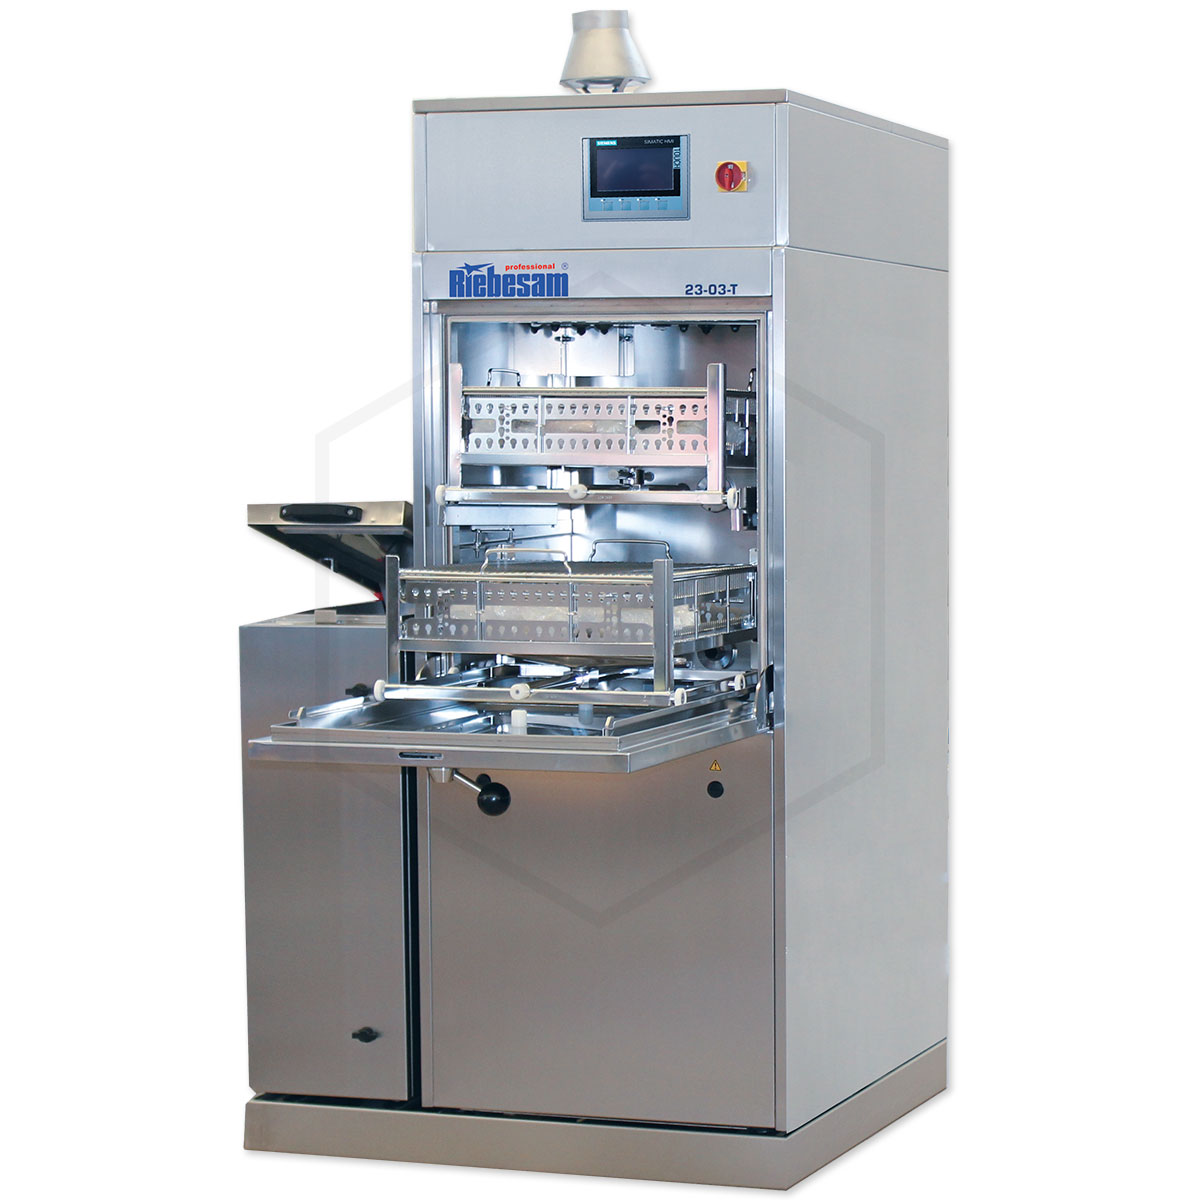 RIEBESAM 23-03Т ꜛ установка струйной отмывки печатных узлов от остатков флюса и органических загрязнений